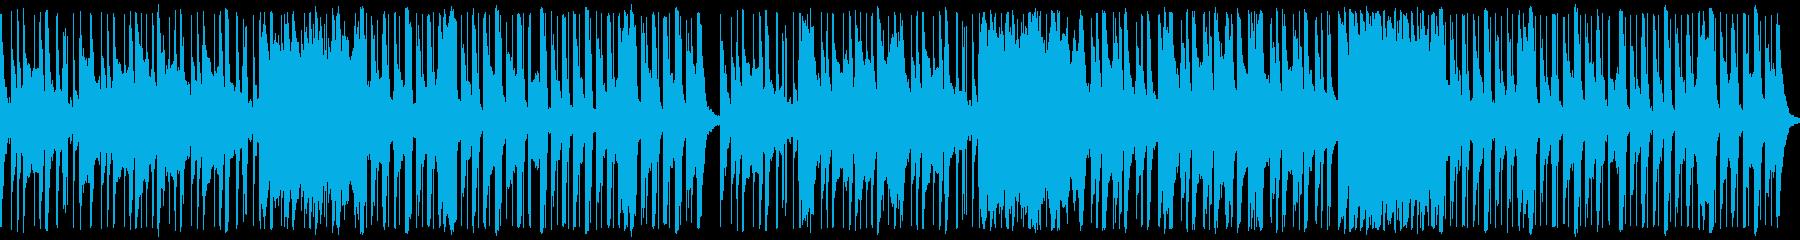 ハロウィン向け、ちょっとお間抜けホラーの再生済みの波形